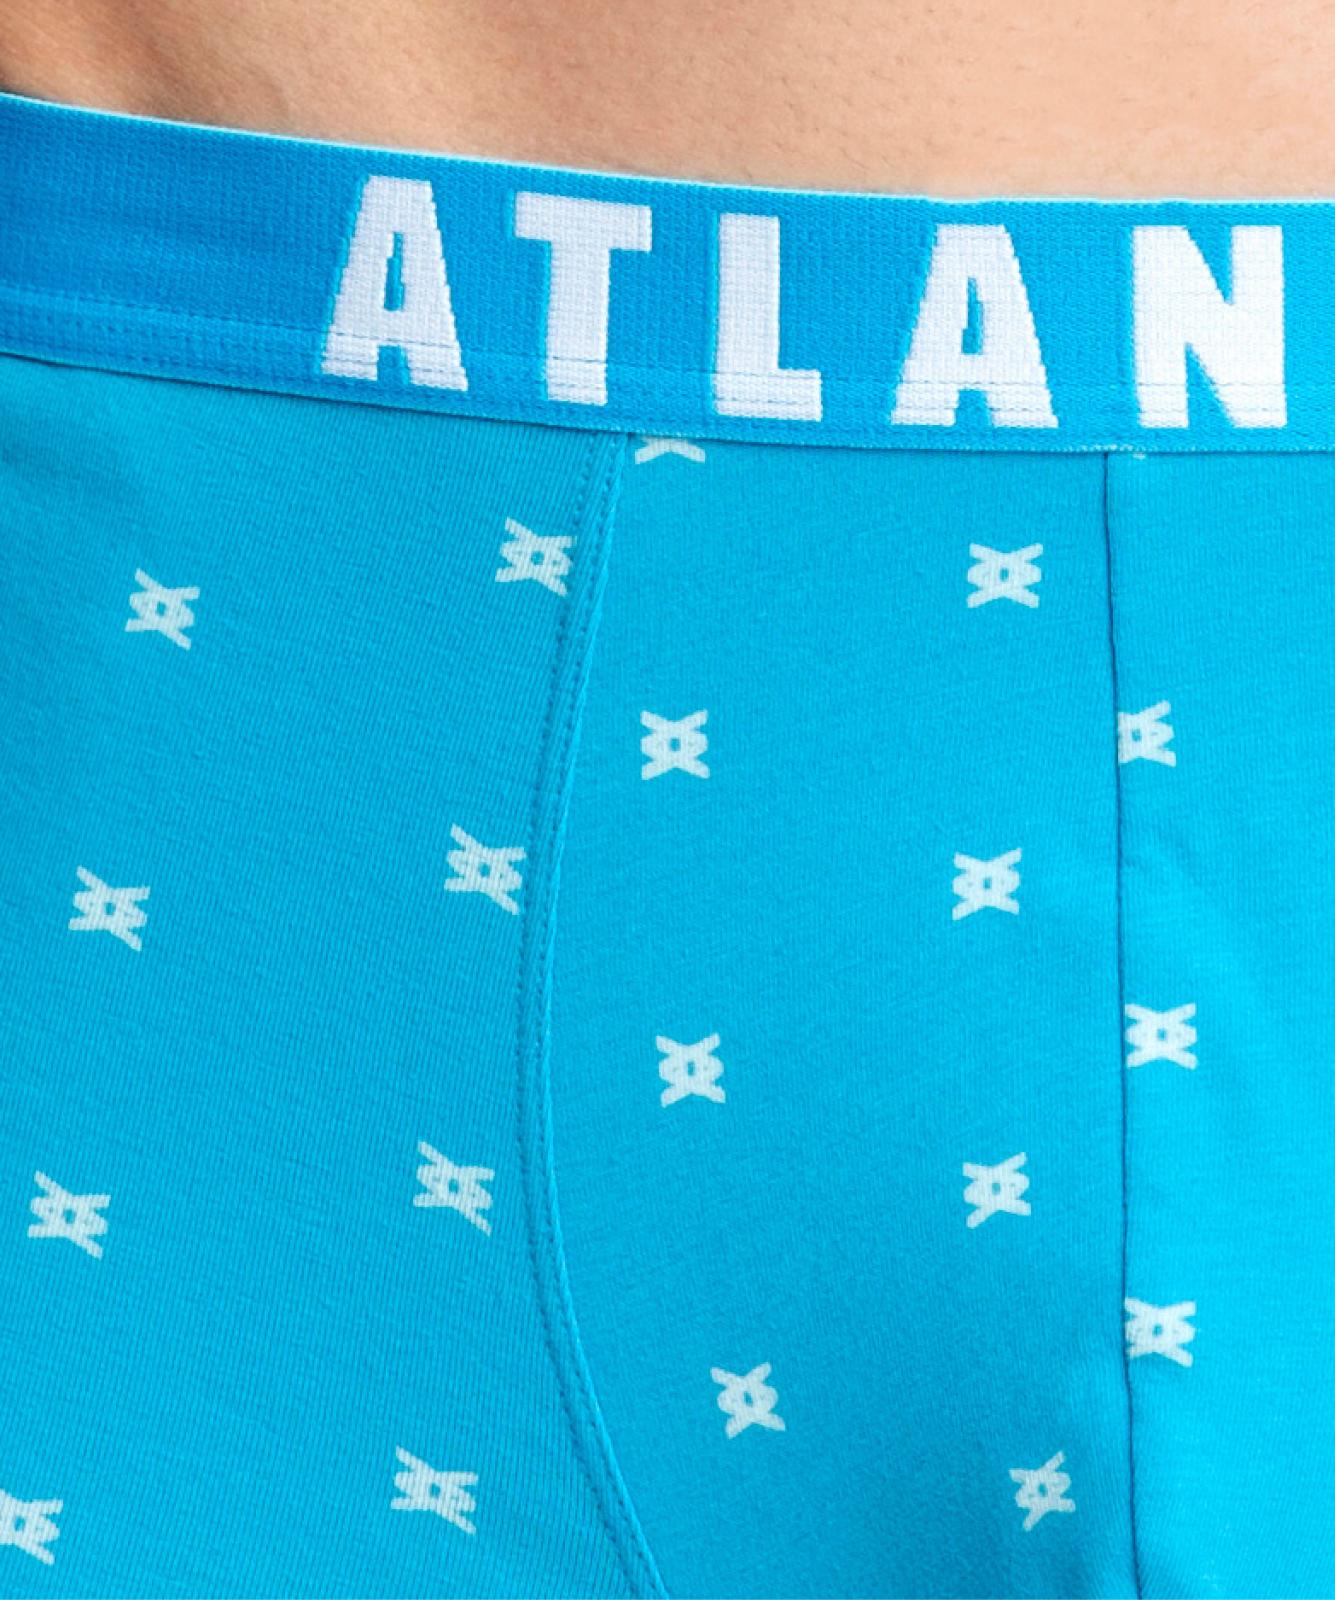 Мужские трусы шорты Atlantic, набор из 3 шт., хлопок, темно-синие + голубые + бирюзовые, 3MH-003